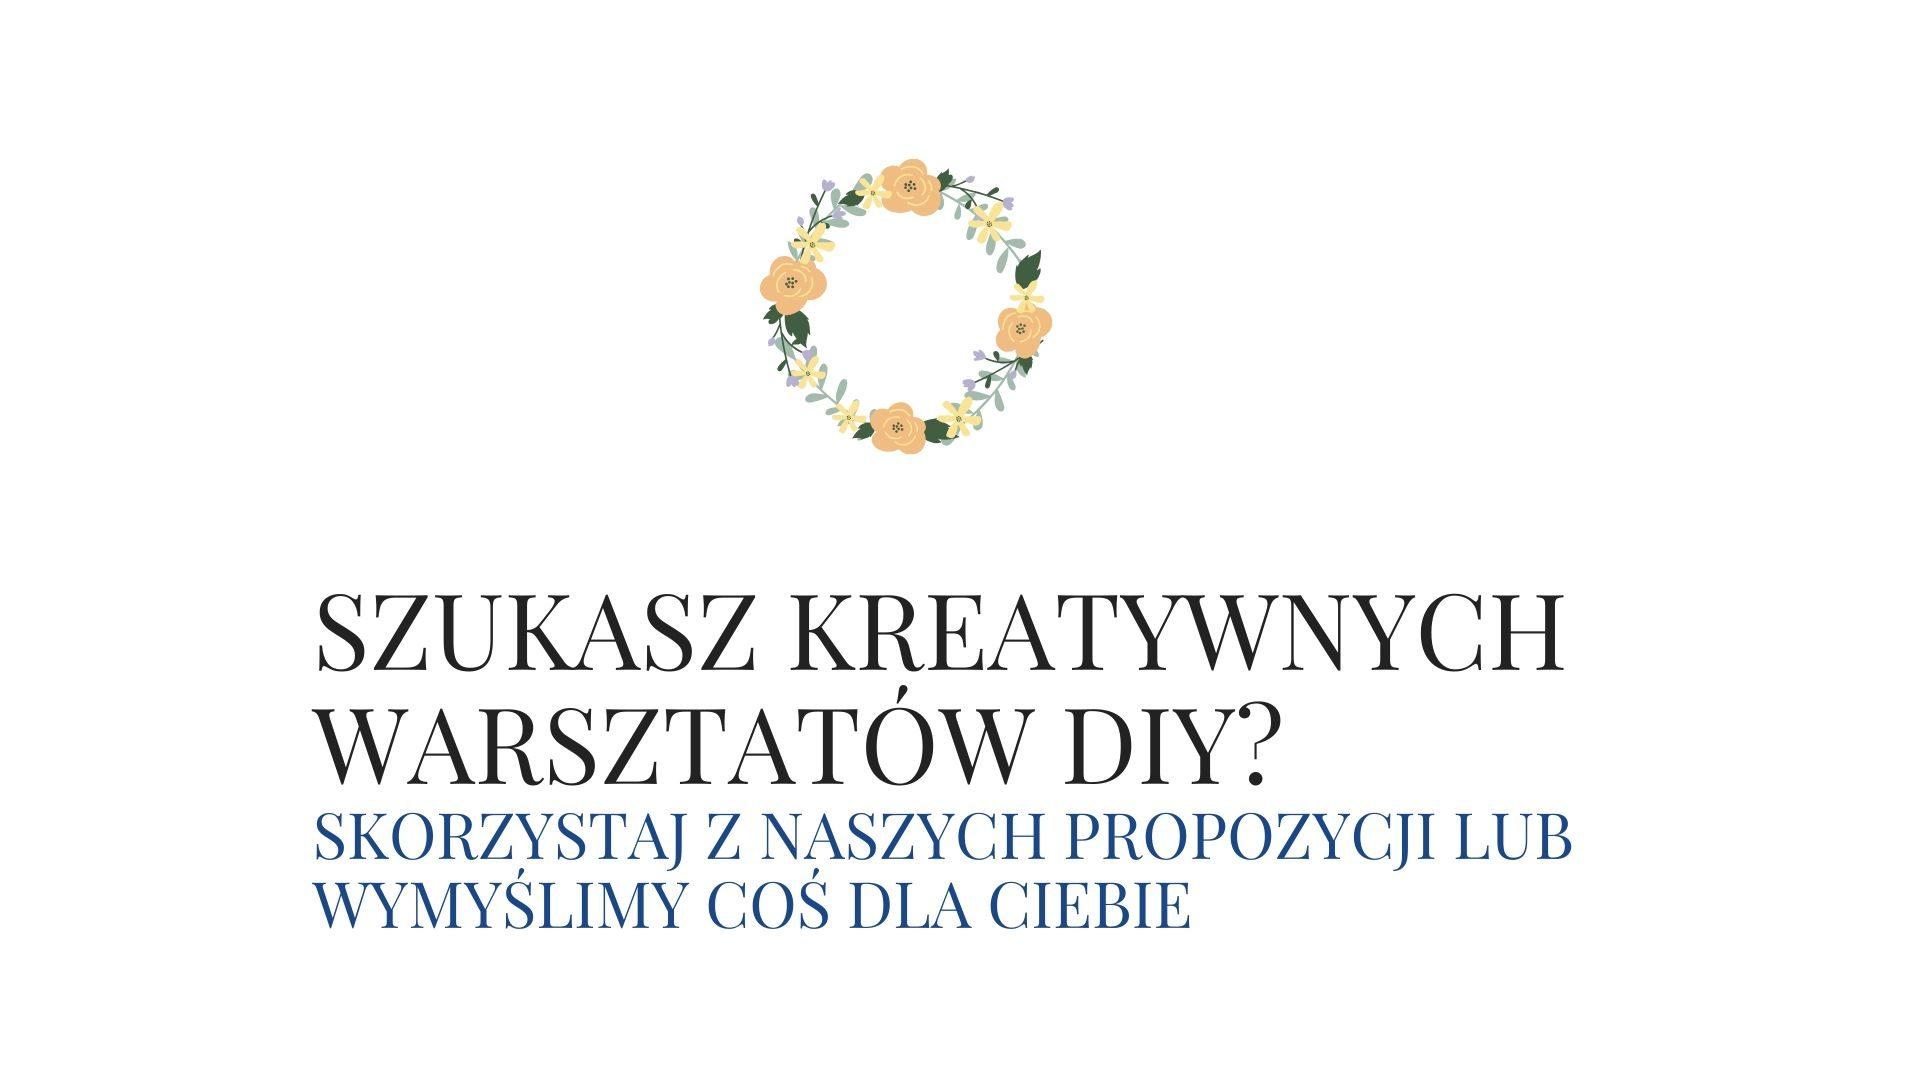 Warsztaty kreatywne DIY we Wrocławiu